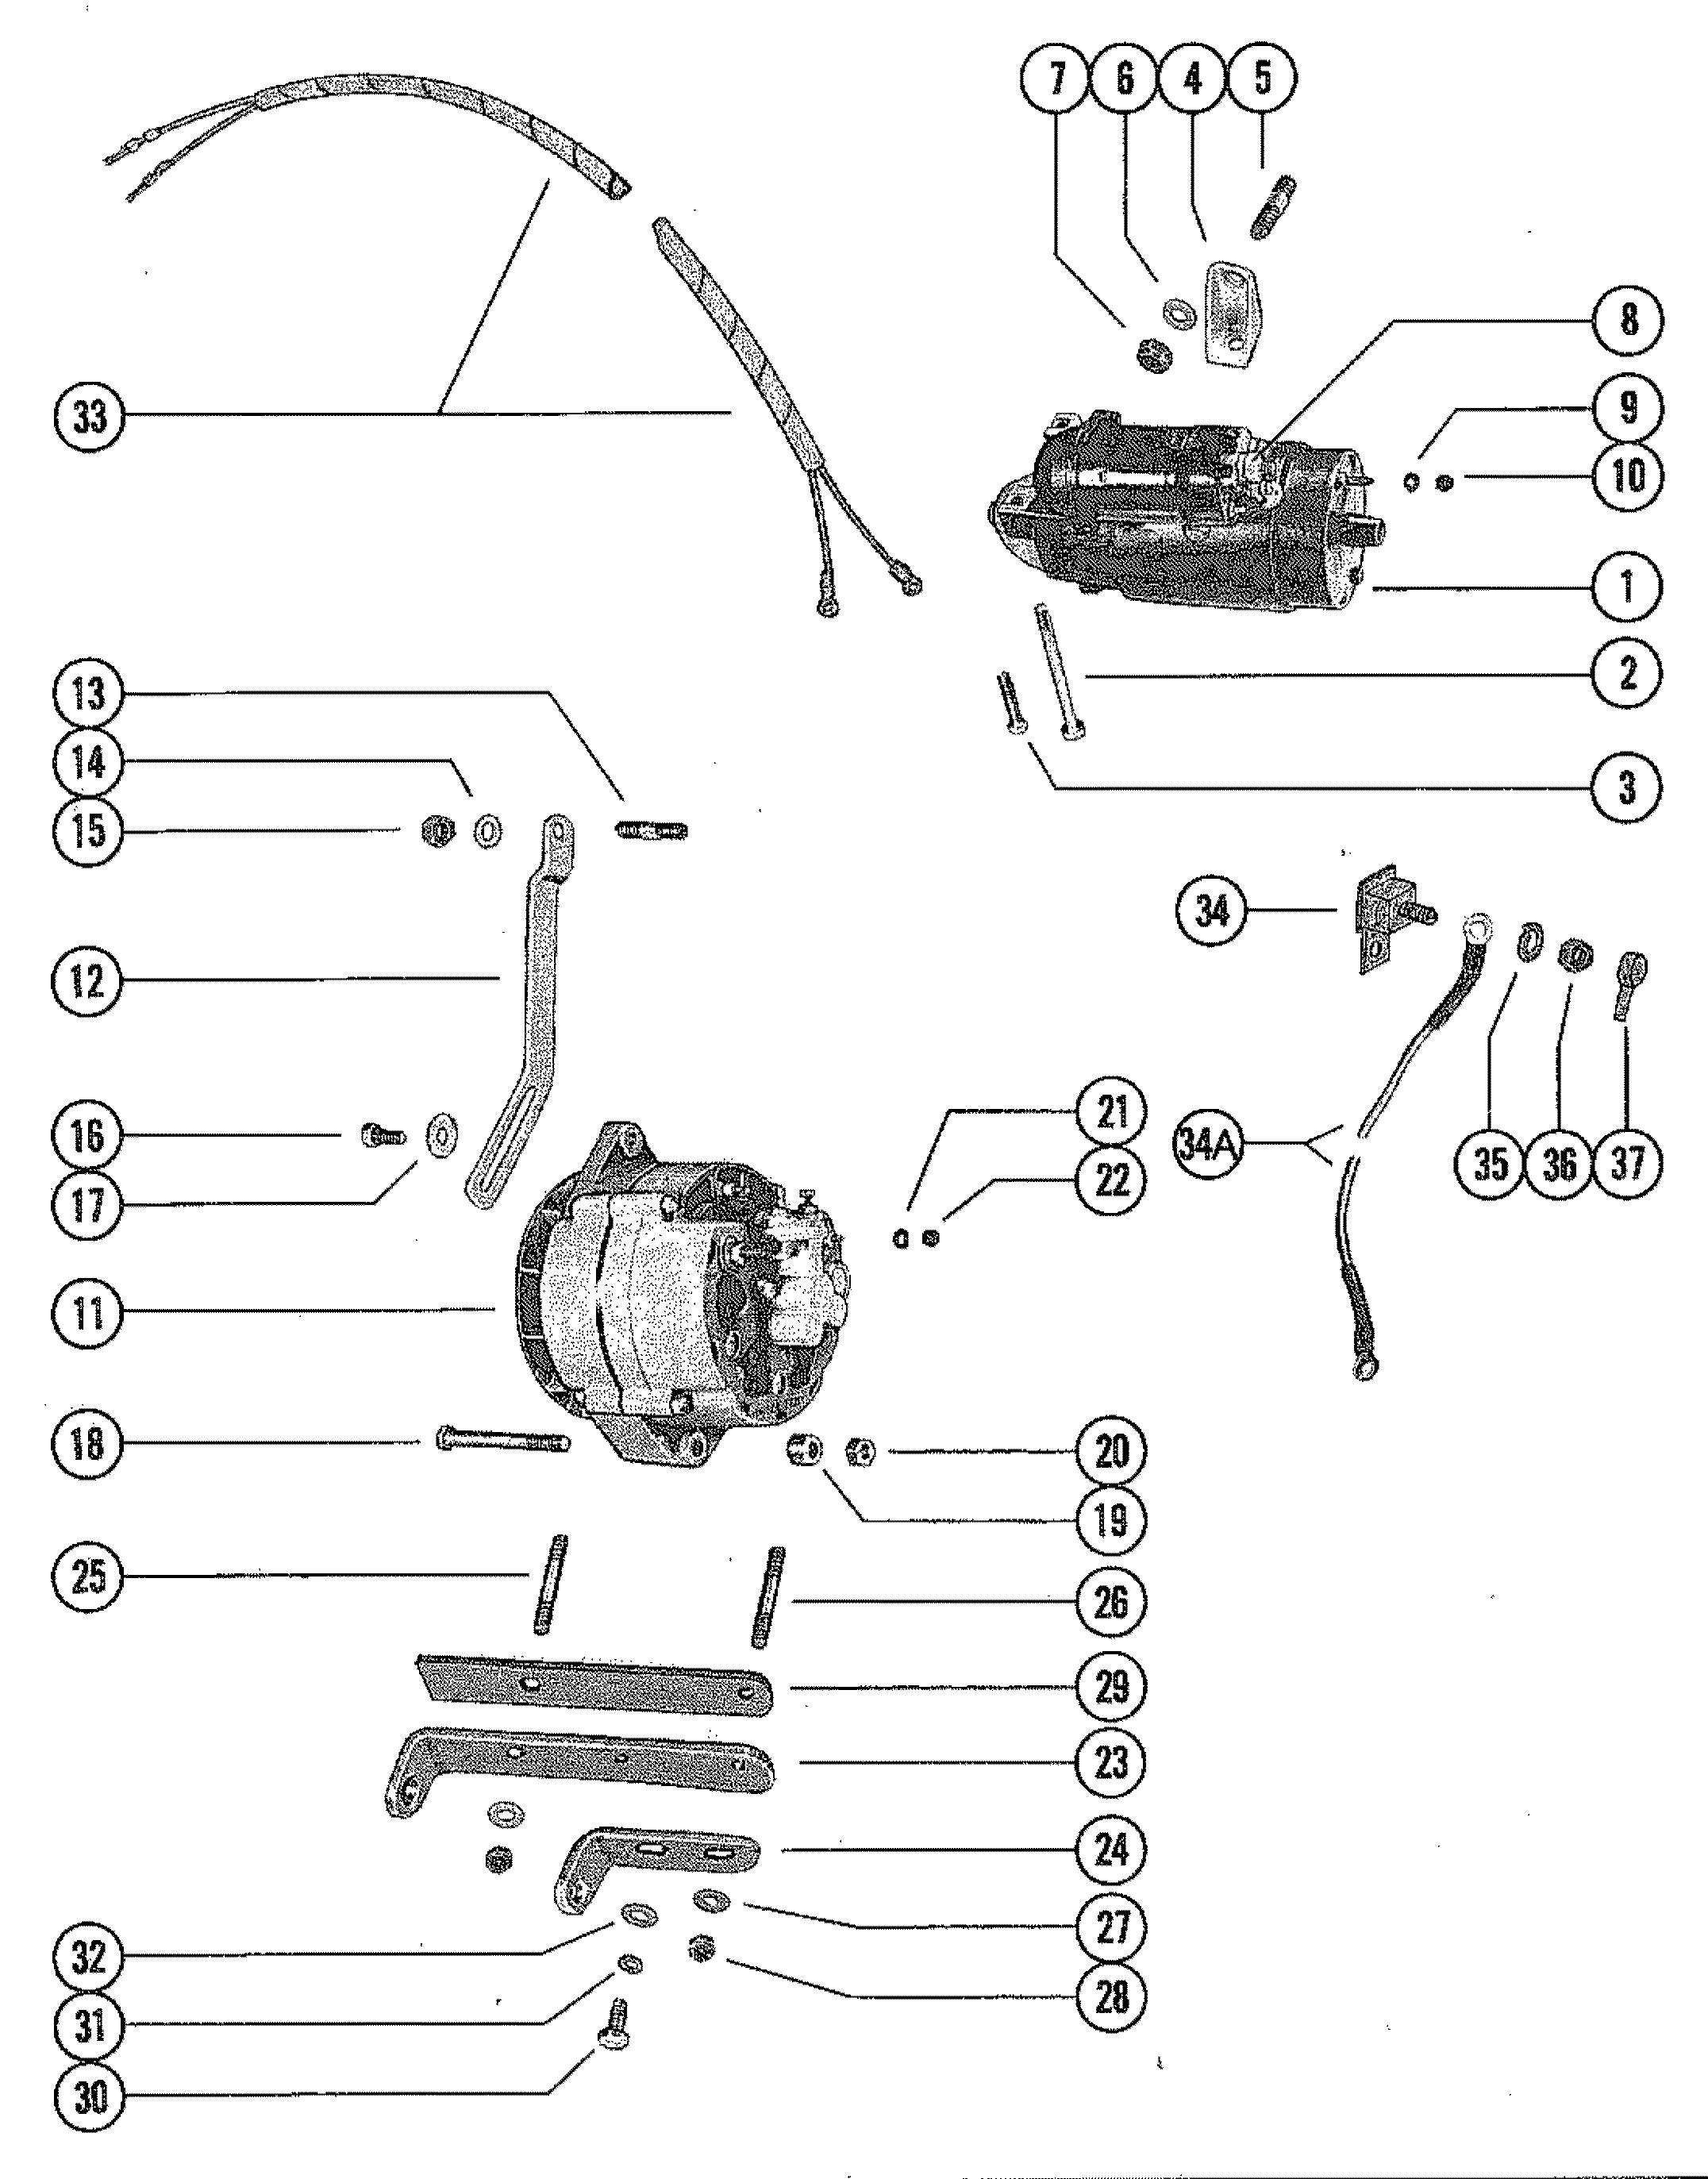 starter motor and alternator for mercruiser 165 engine